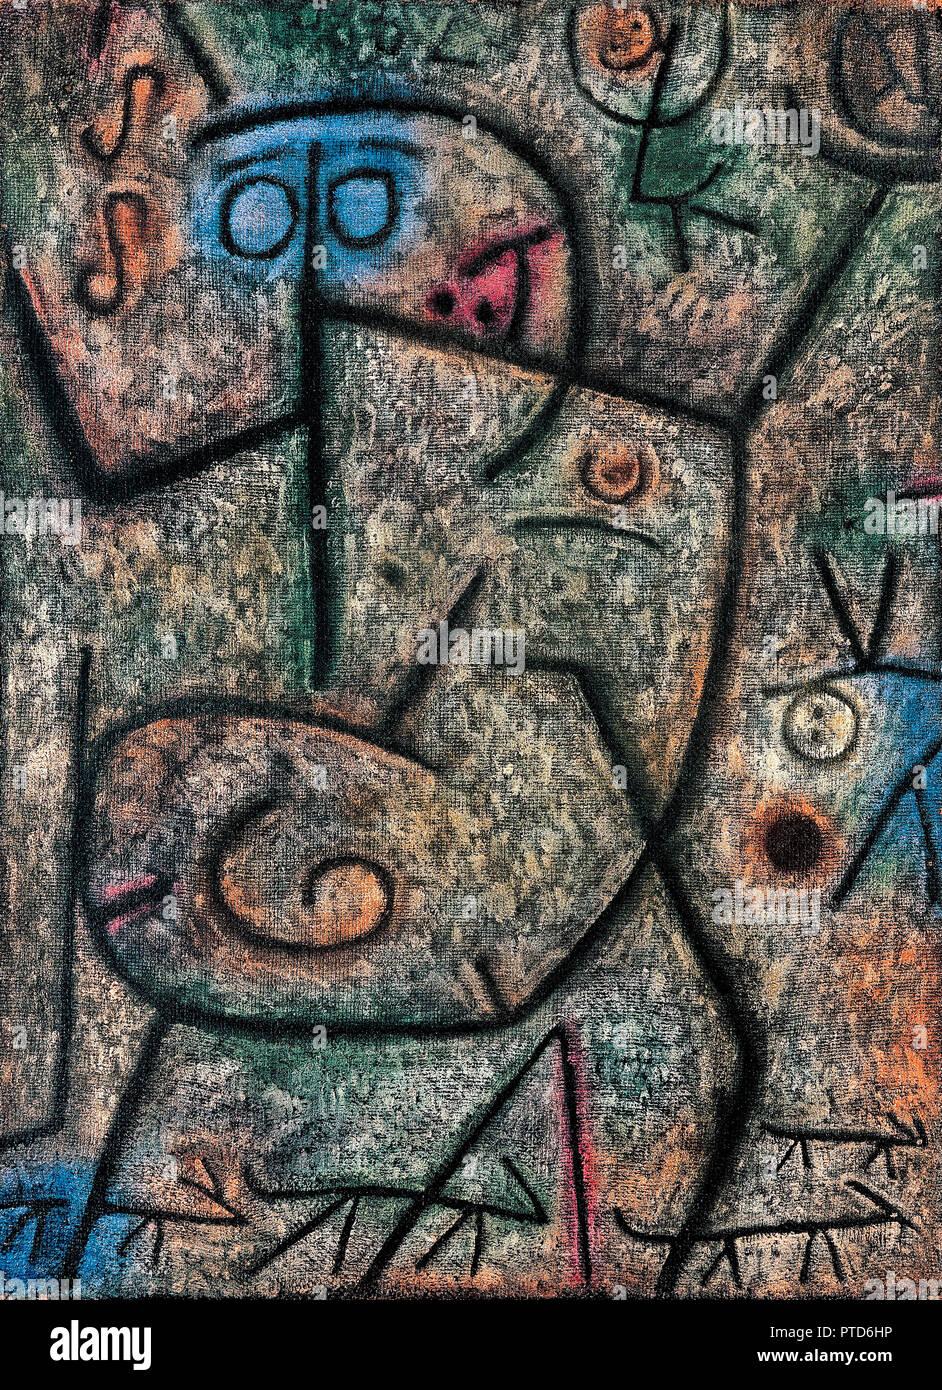 Paul Klee, Oh! Queste voci! 1939 olio su tela, Fondazione Beyeler, Riehen, Svizzera. Immagini Stock